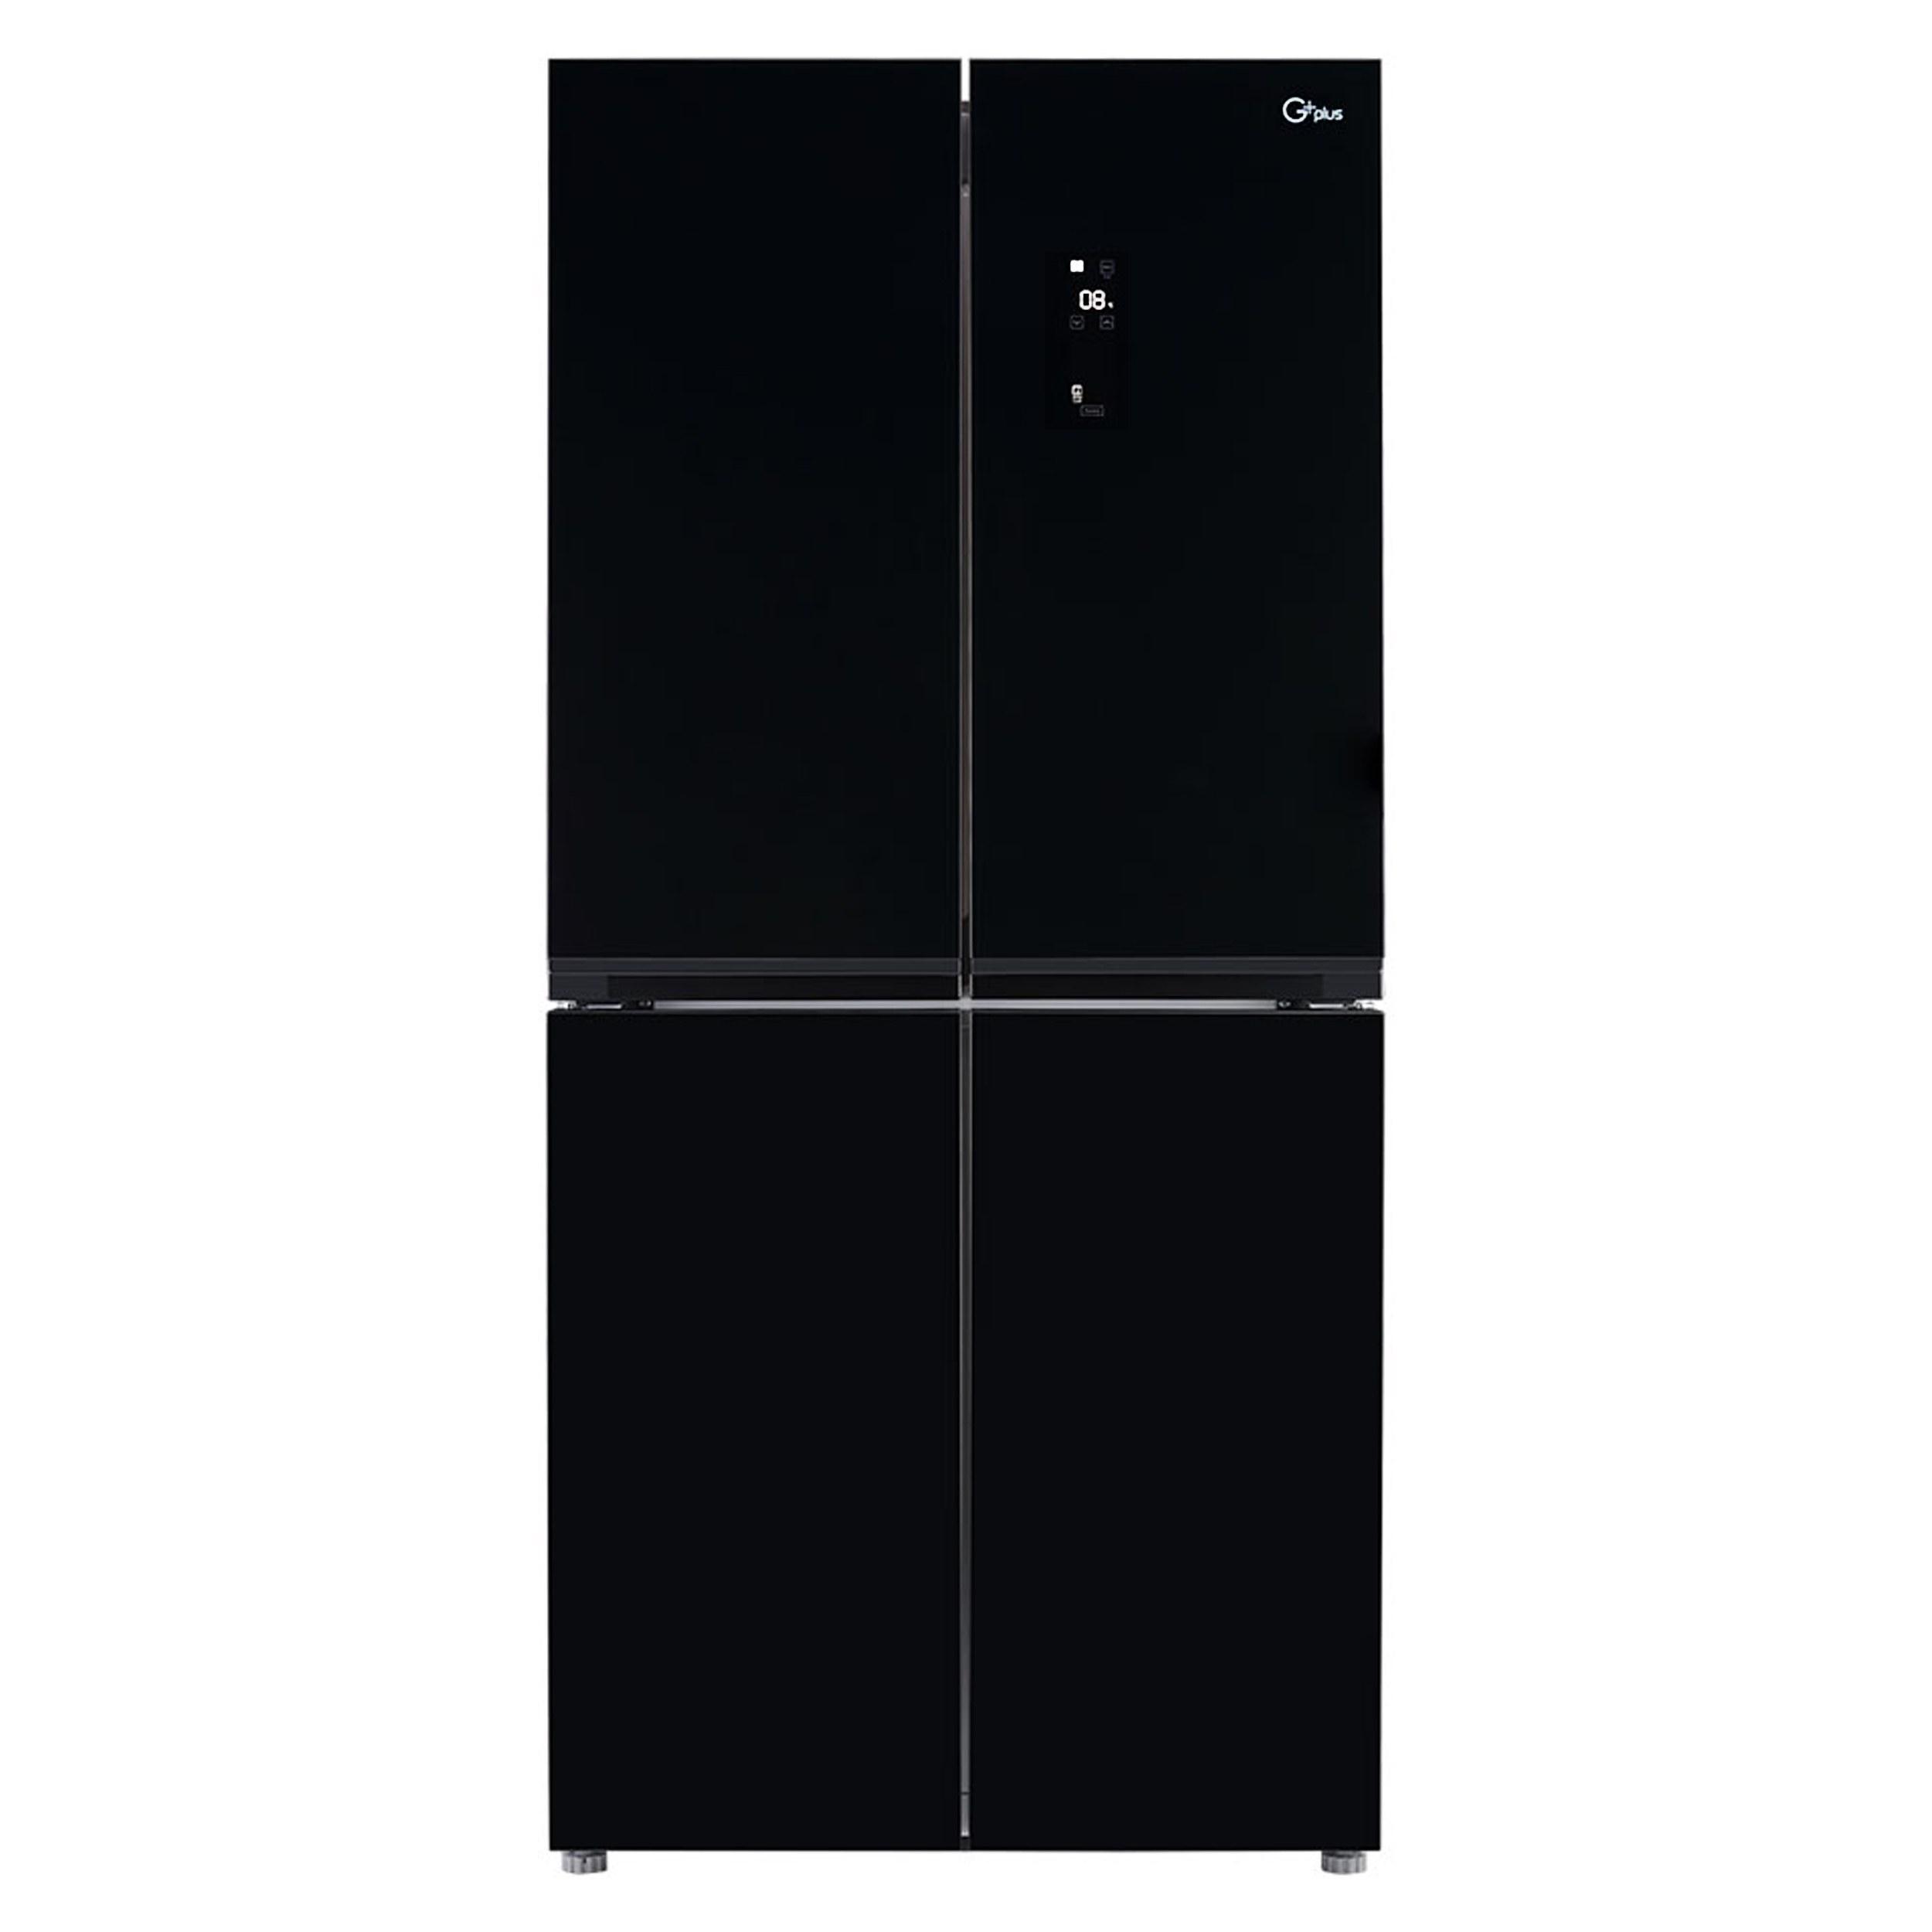 تصویر یخچال و فریزر ساید بای ساید جی پلاس مدل GSS-J906BG G Plus GSS-J906BG Side By Side Refrigerator